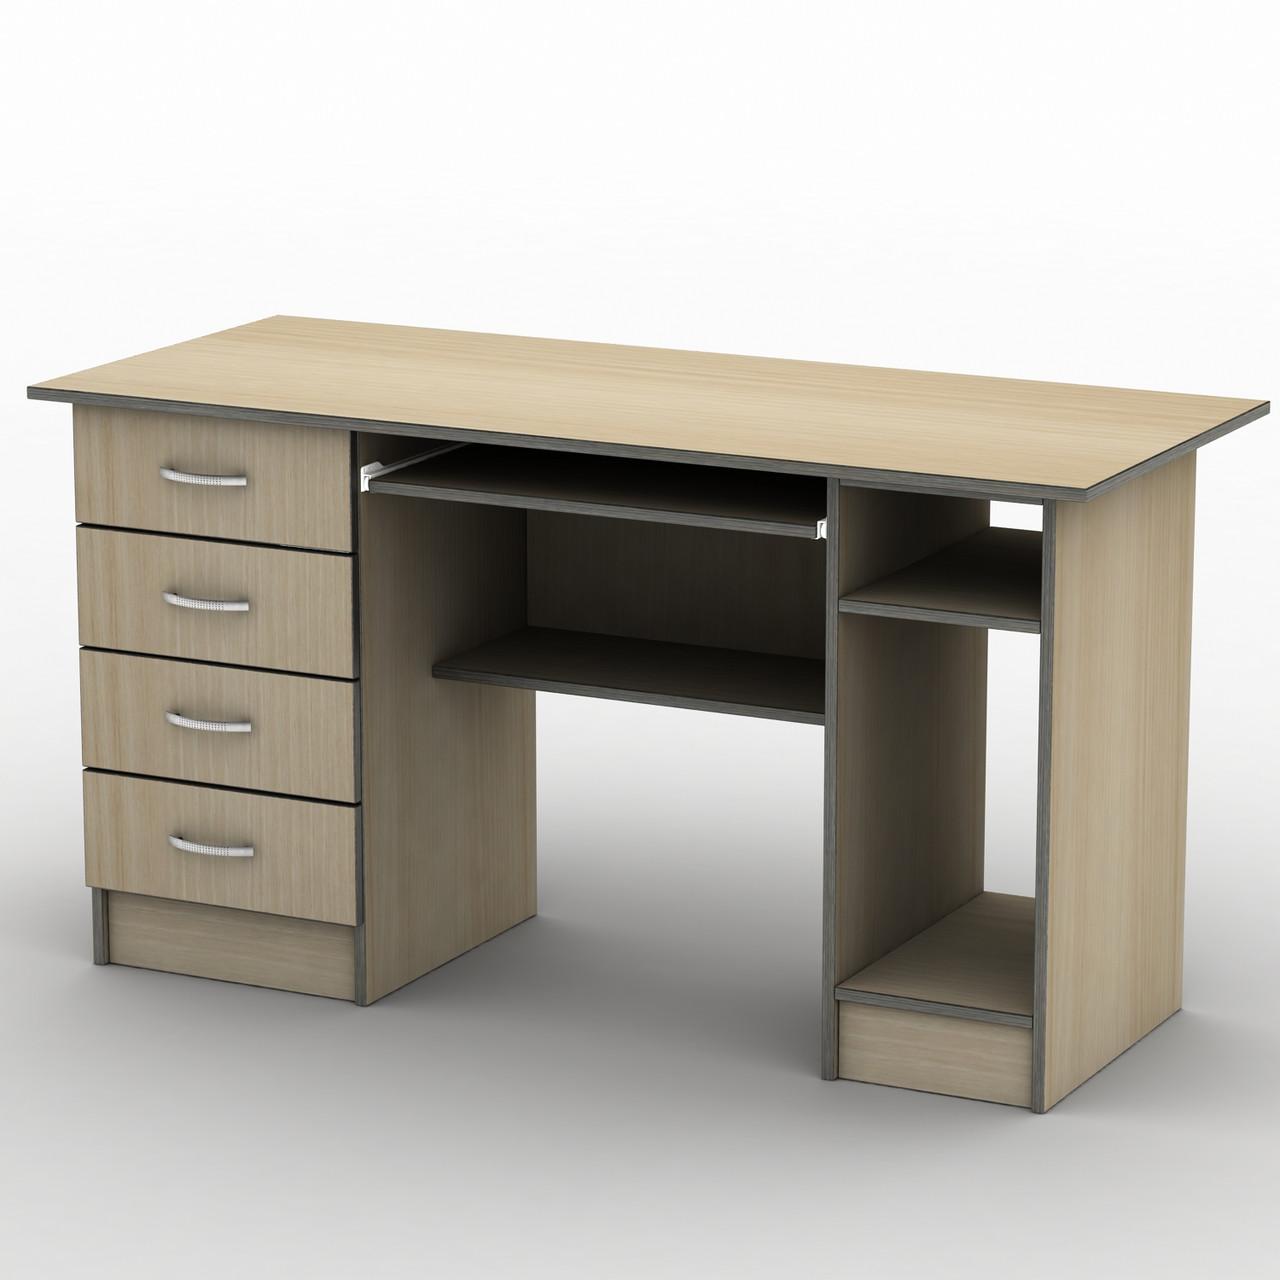 Комп'ютерний стіл Бюджет СК-4 (1400*700) Тіса меблі